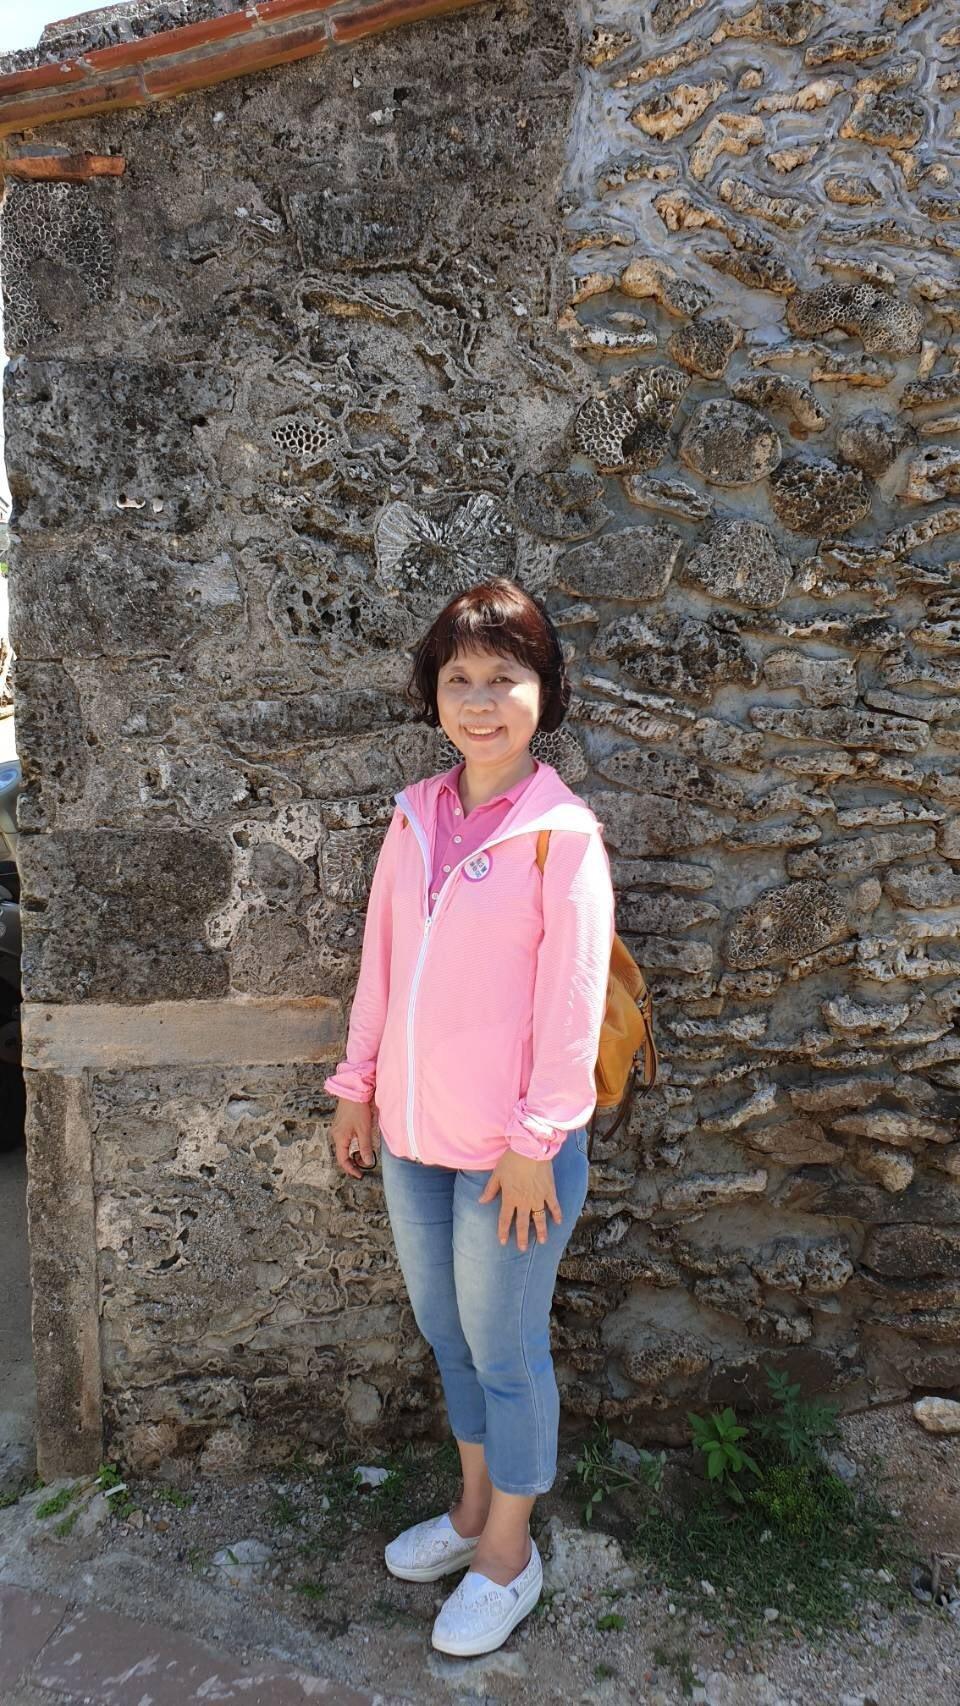 許瀞萓退休後日子閒得發慌,鼓起勇氣報考鐵路特考,一舉圓夢,她說這是人生中第一次為...